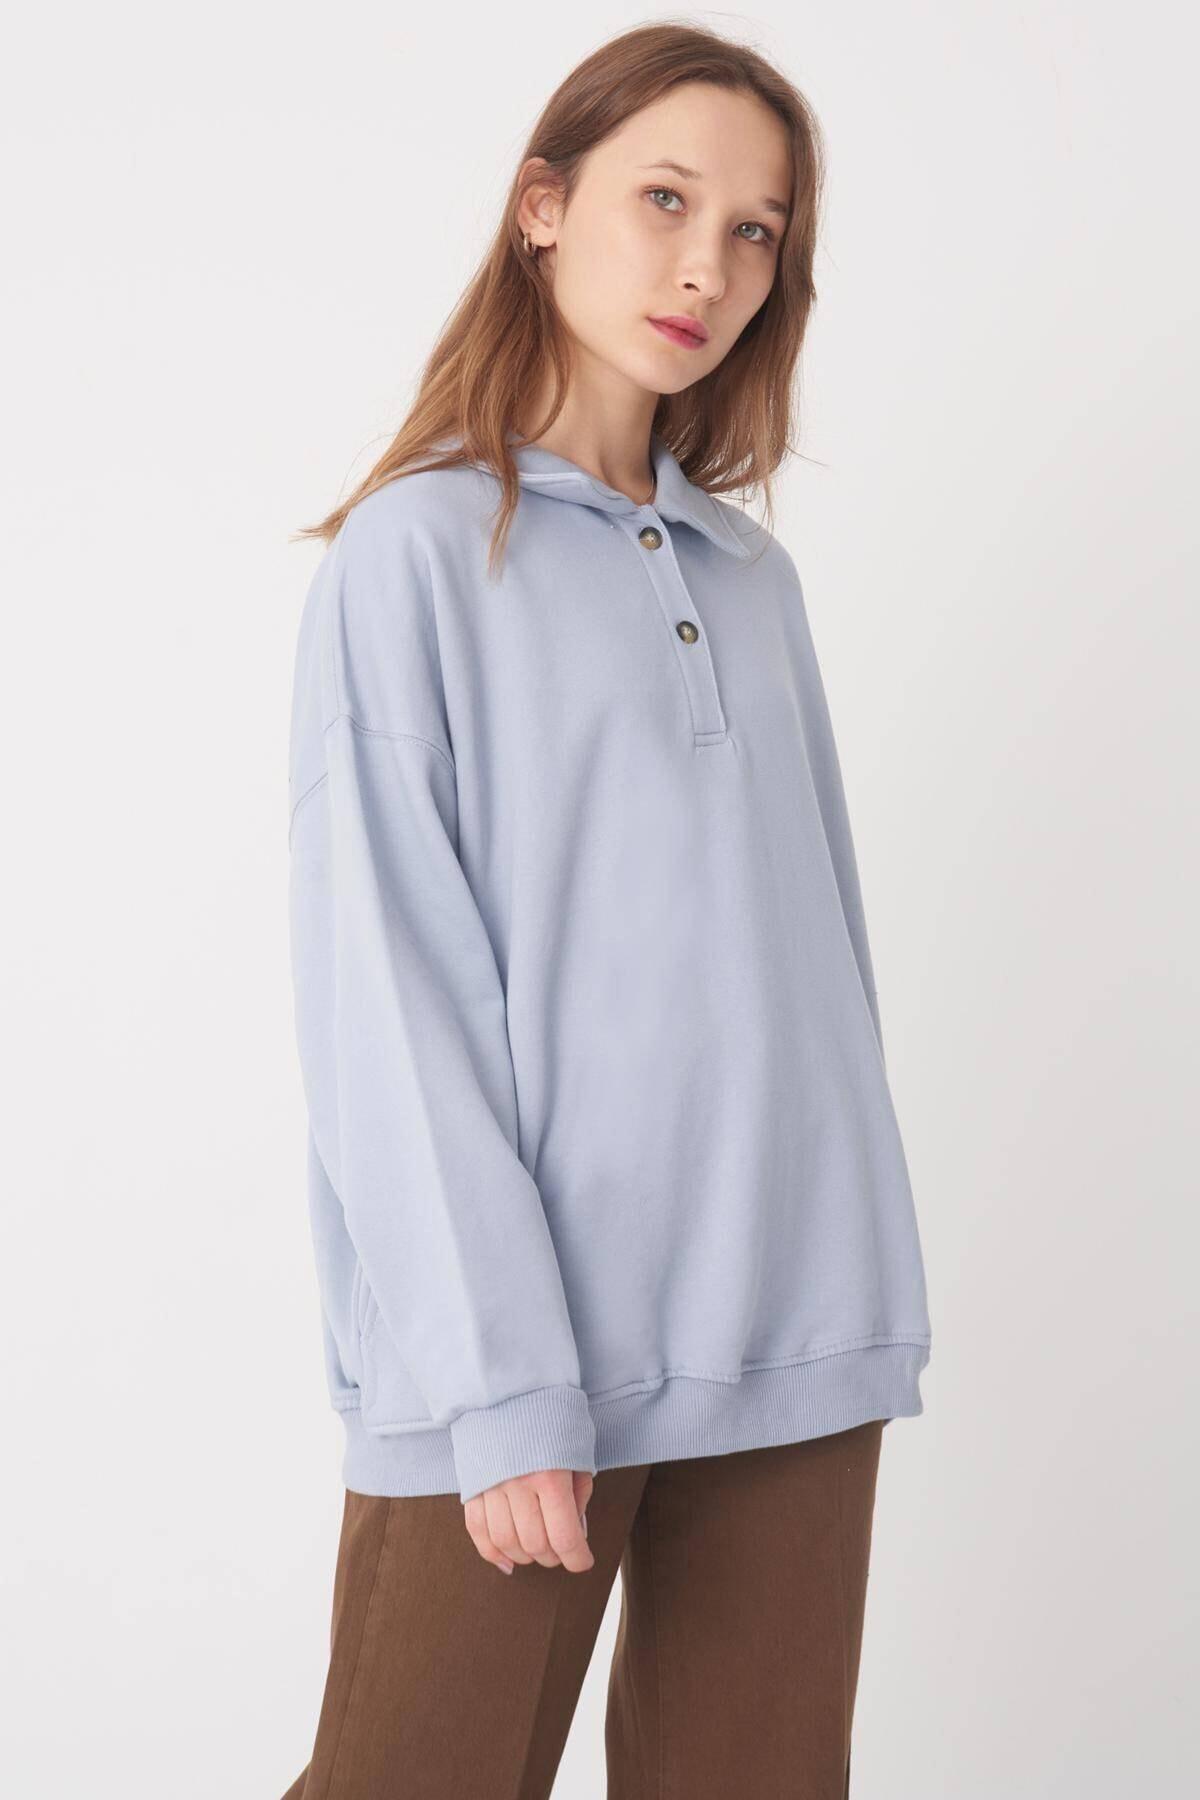 Addax Kadın Buz Mavi Gömlek Yaka Sweatshirt S0703 1